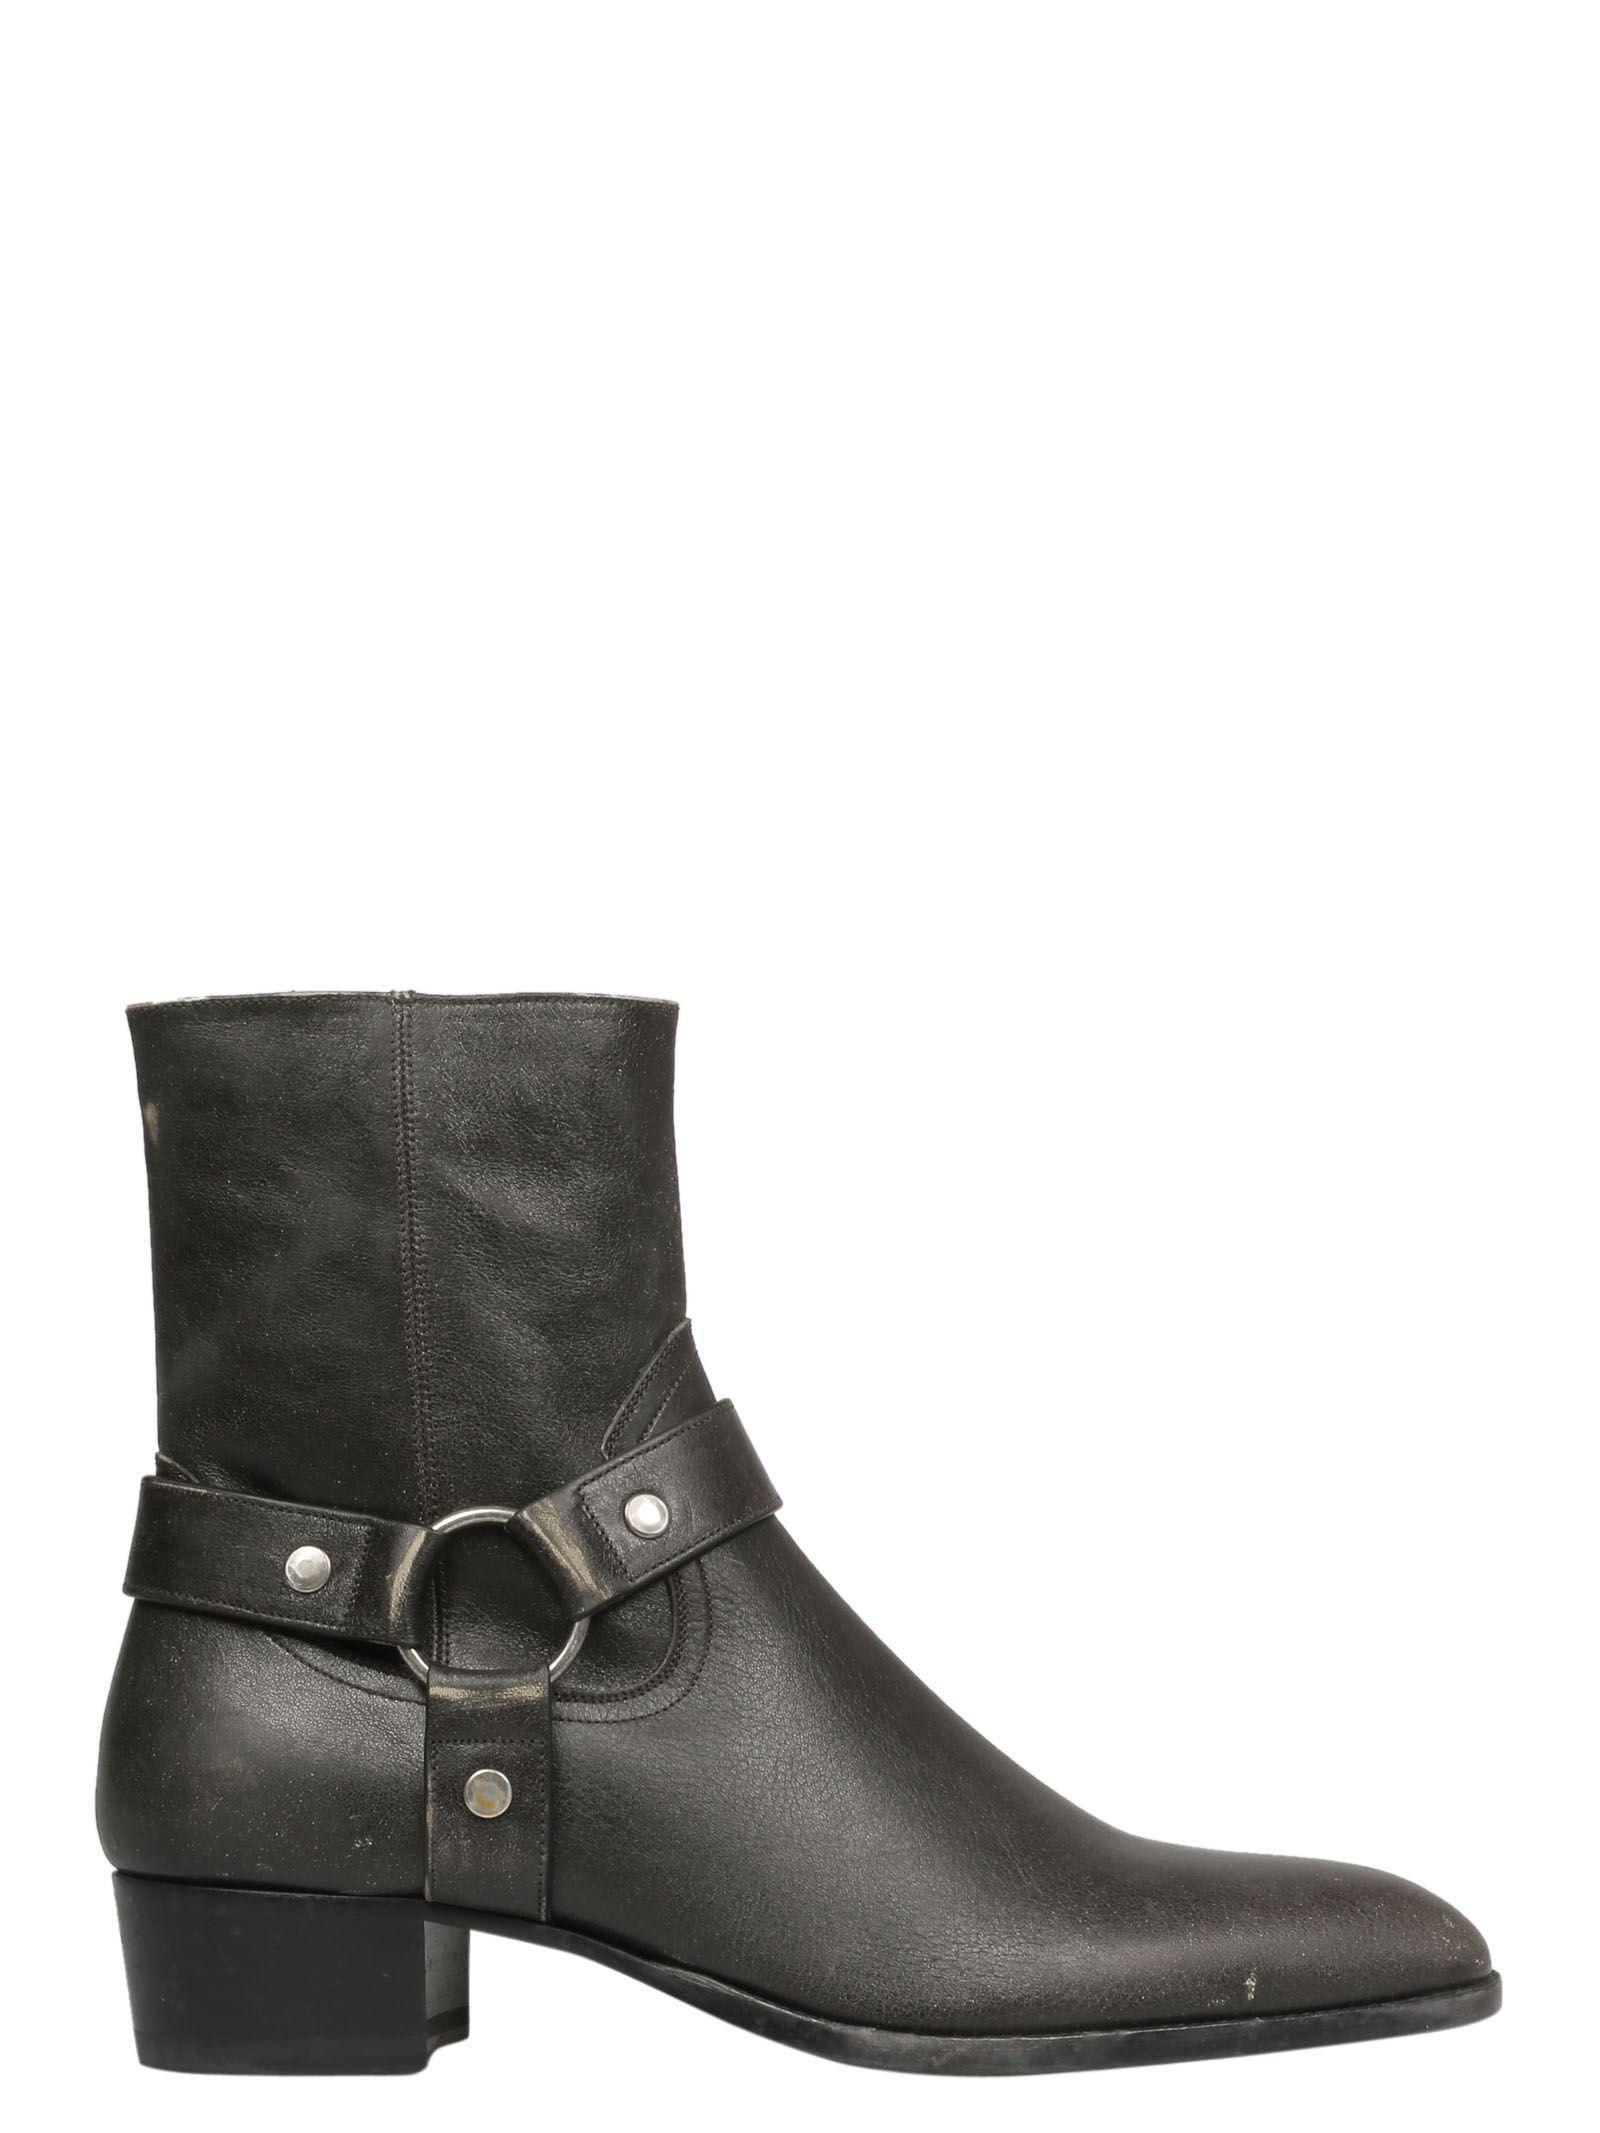 14a7aaa6c13d Saint Laurent Saint Laurent Wyatt Ankle Boots - Basic - 10853111 ...